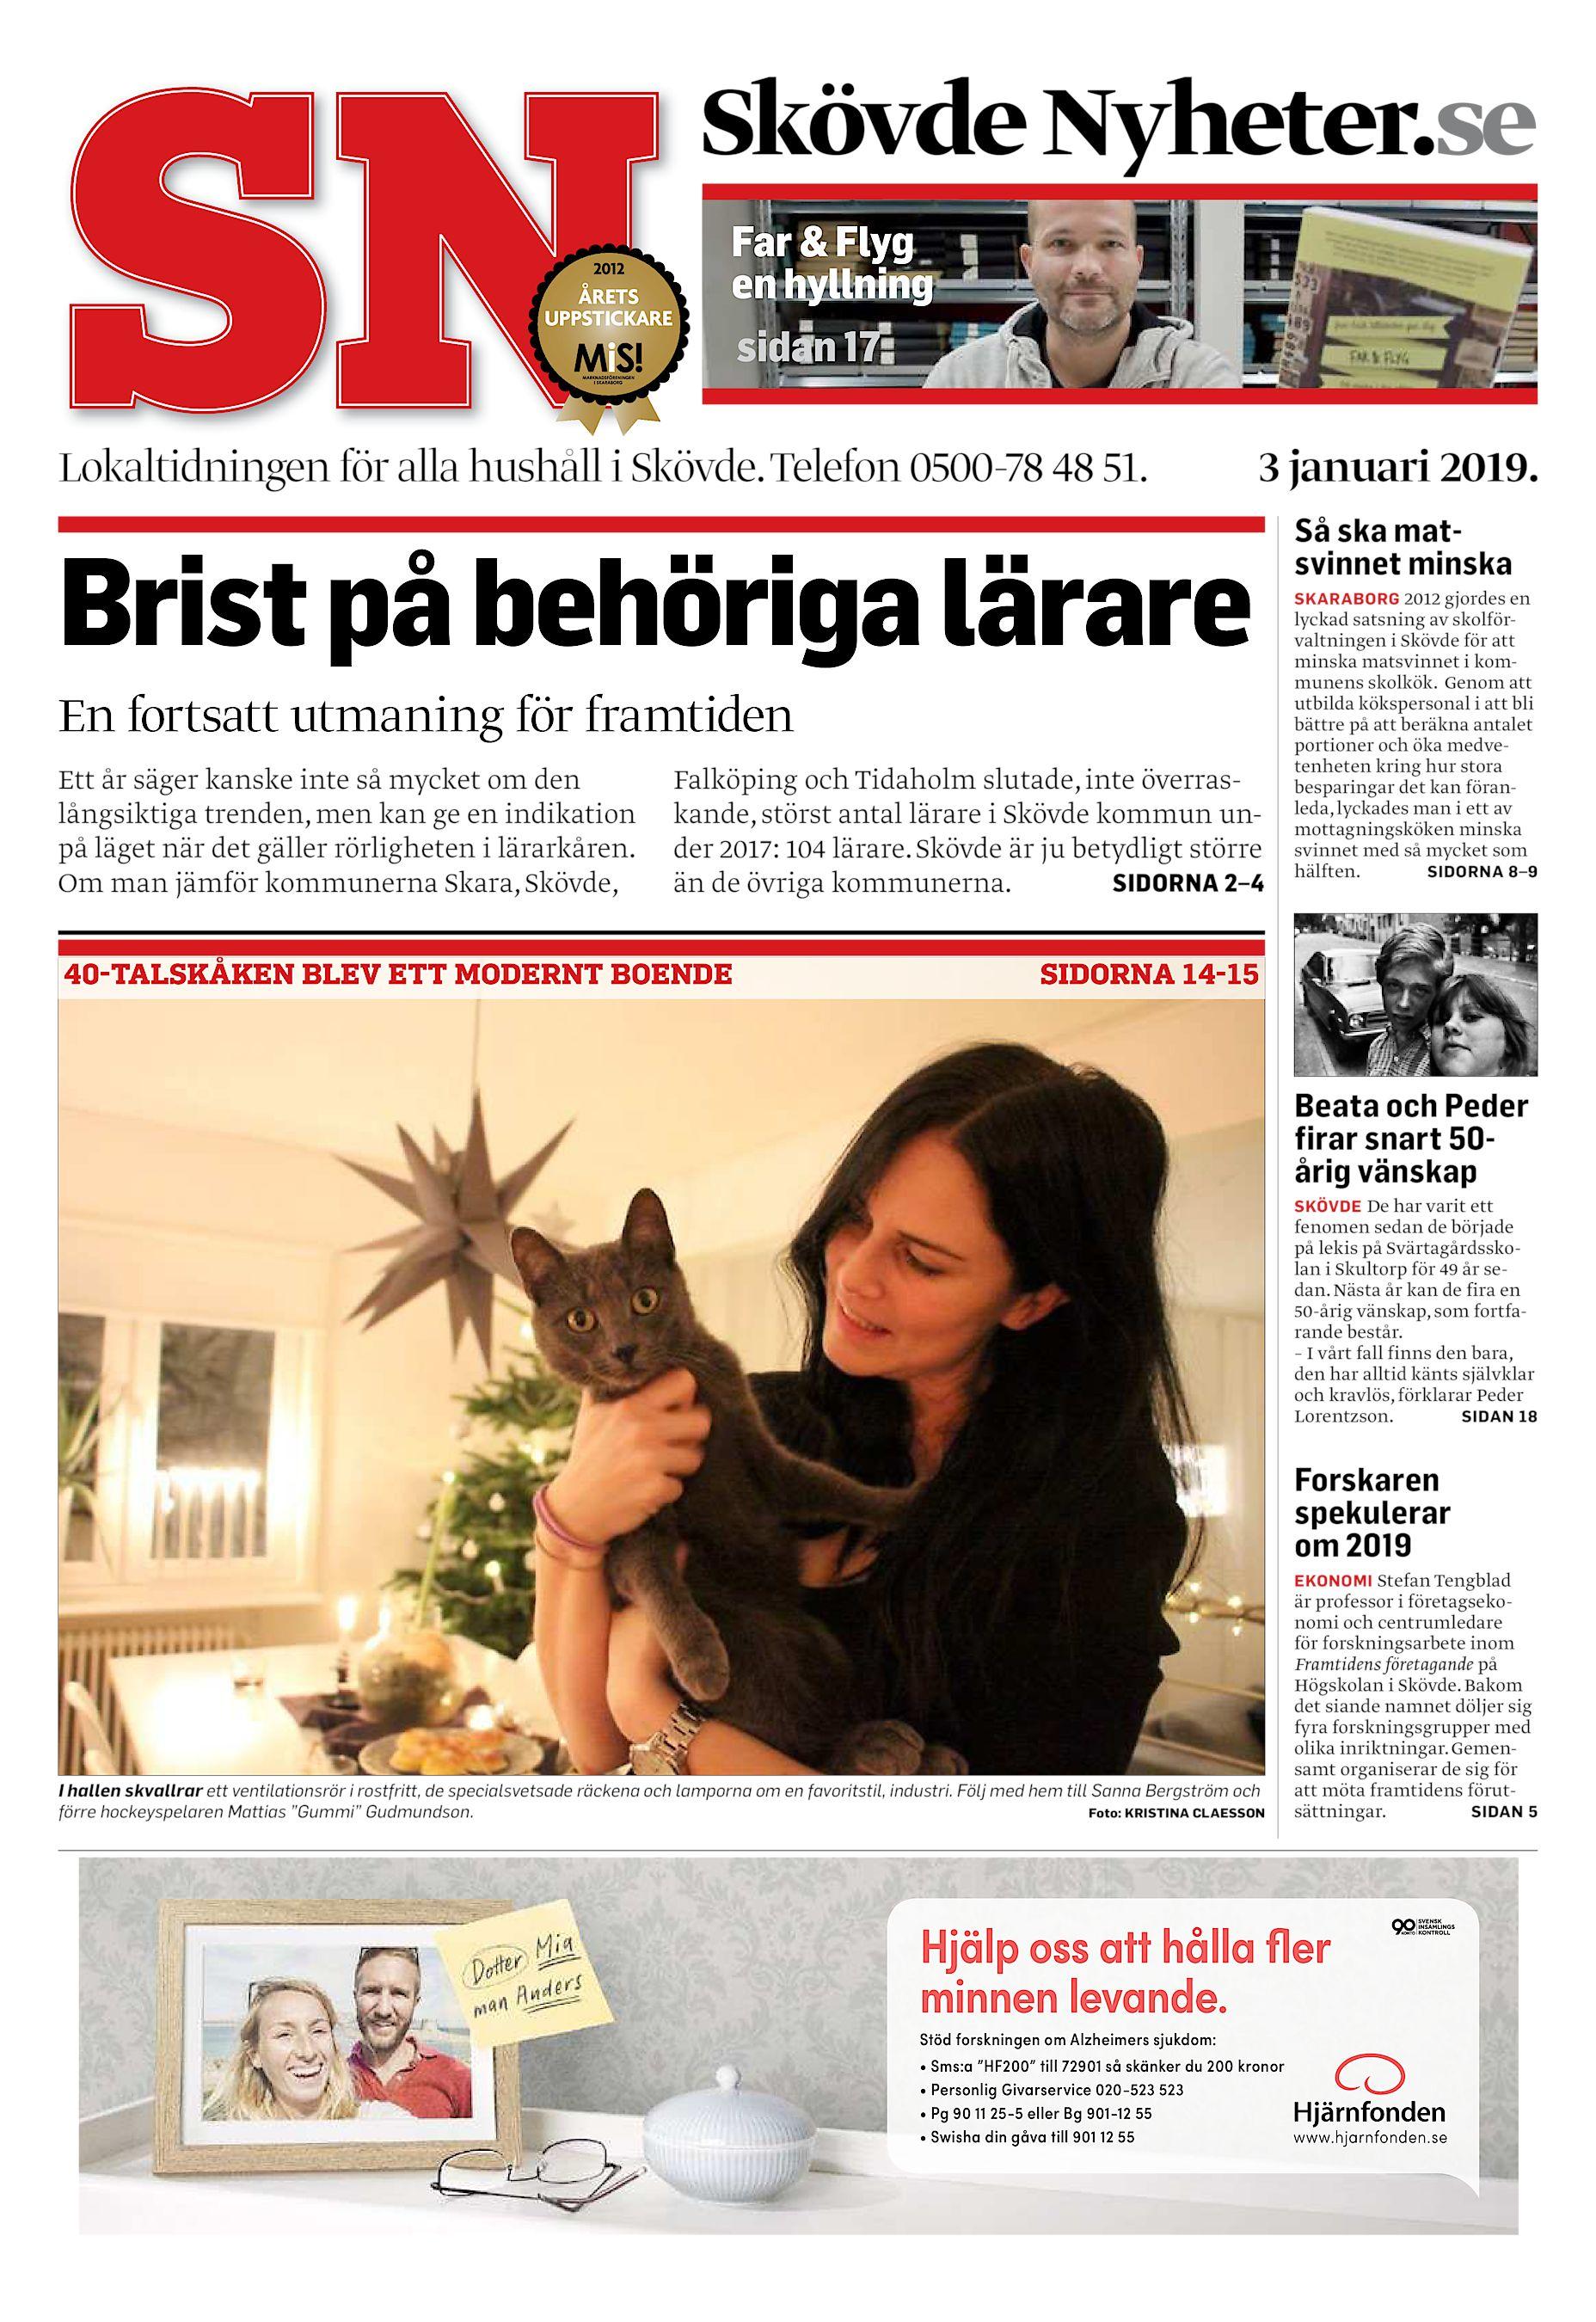 47655fd7fadc Skövde Nyheter.se Far & Flyg en hyllning sidan 17 Lokaltidningen för alla  hushåll i Skövde. Telefon 0500-78 48 51. 3 januari 2019. Brist på behöriga  lärare ...